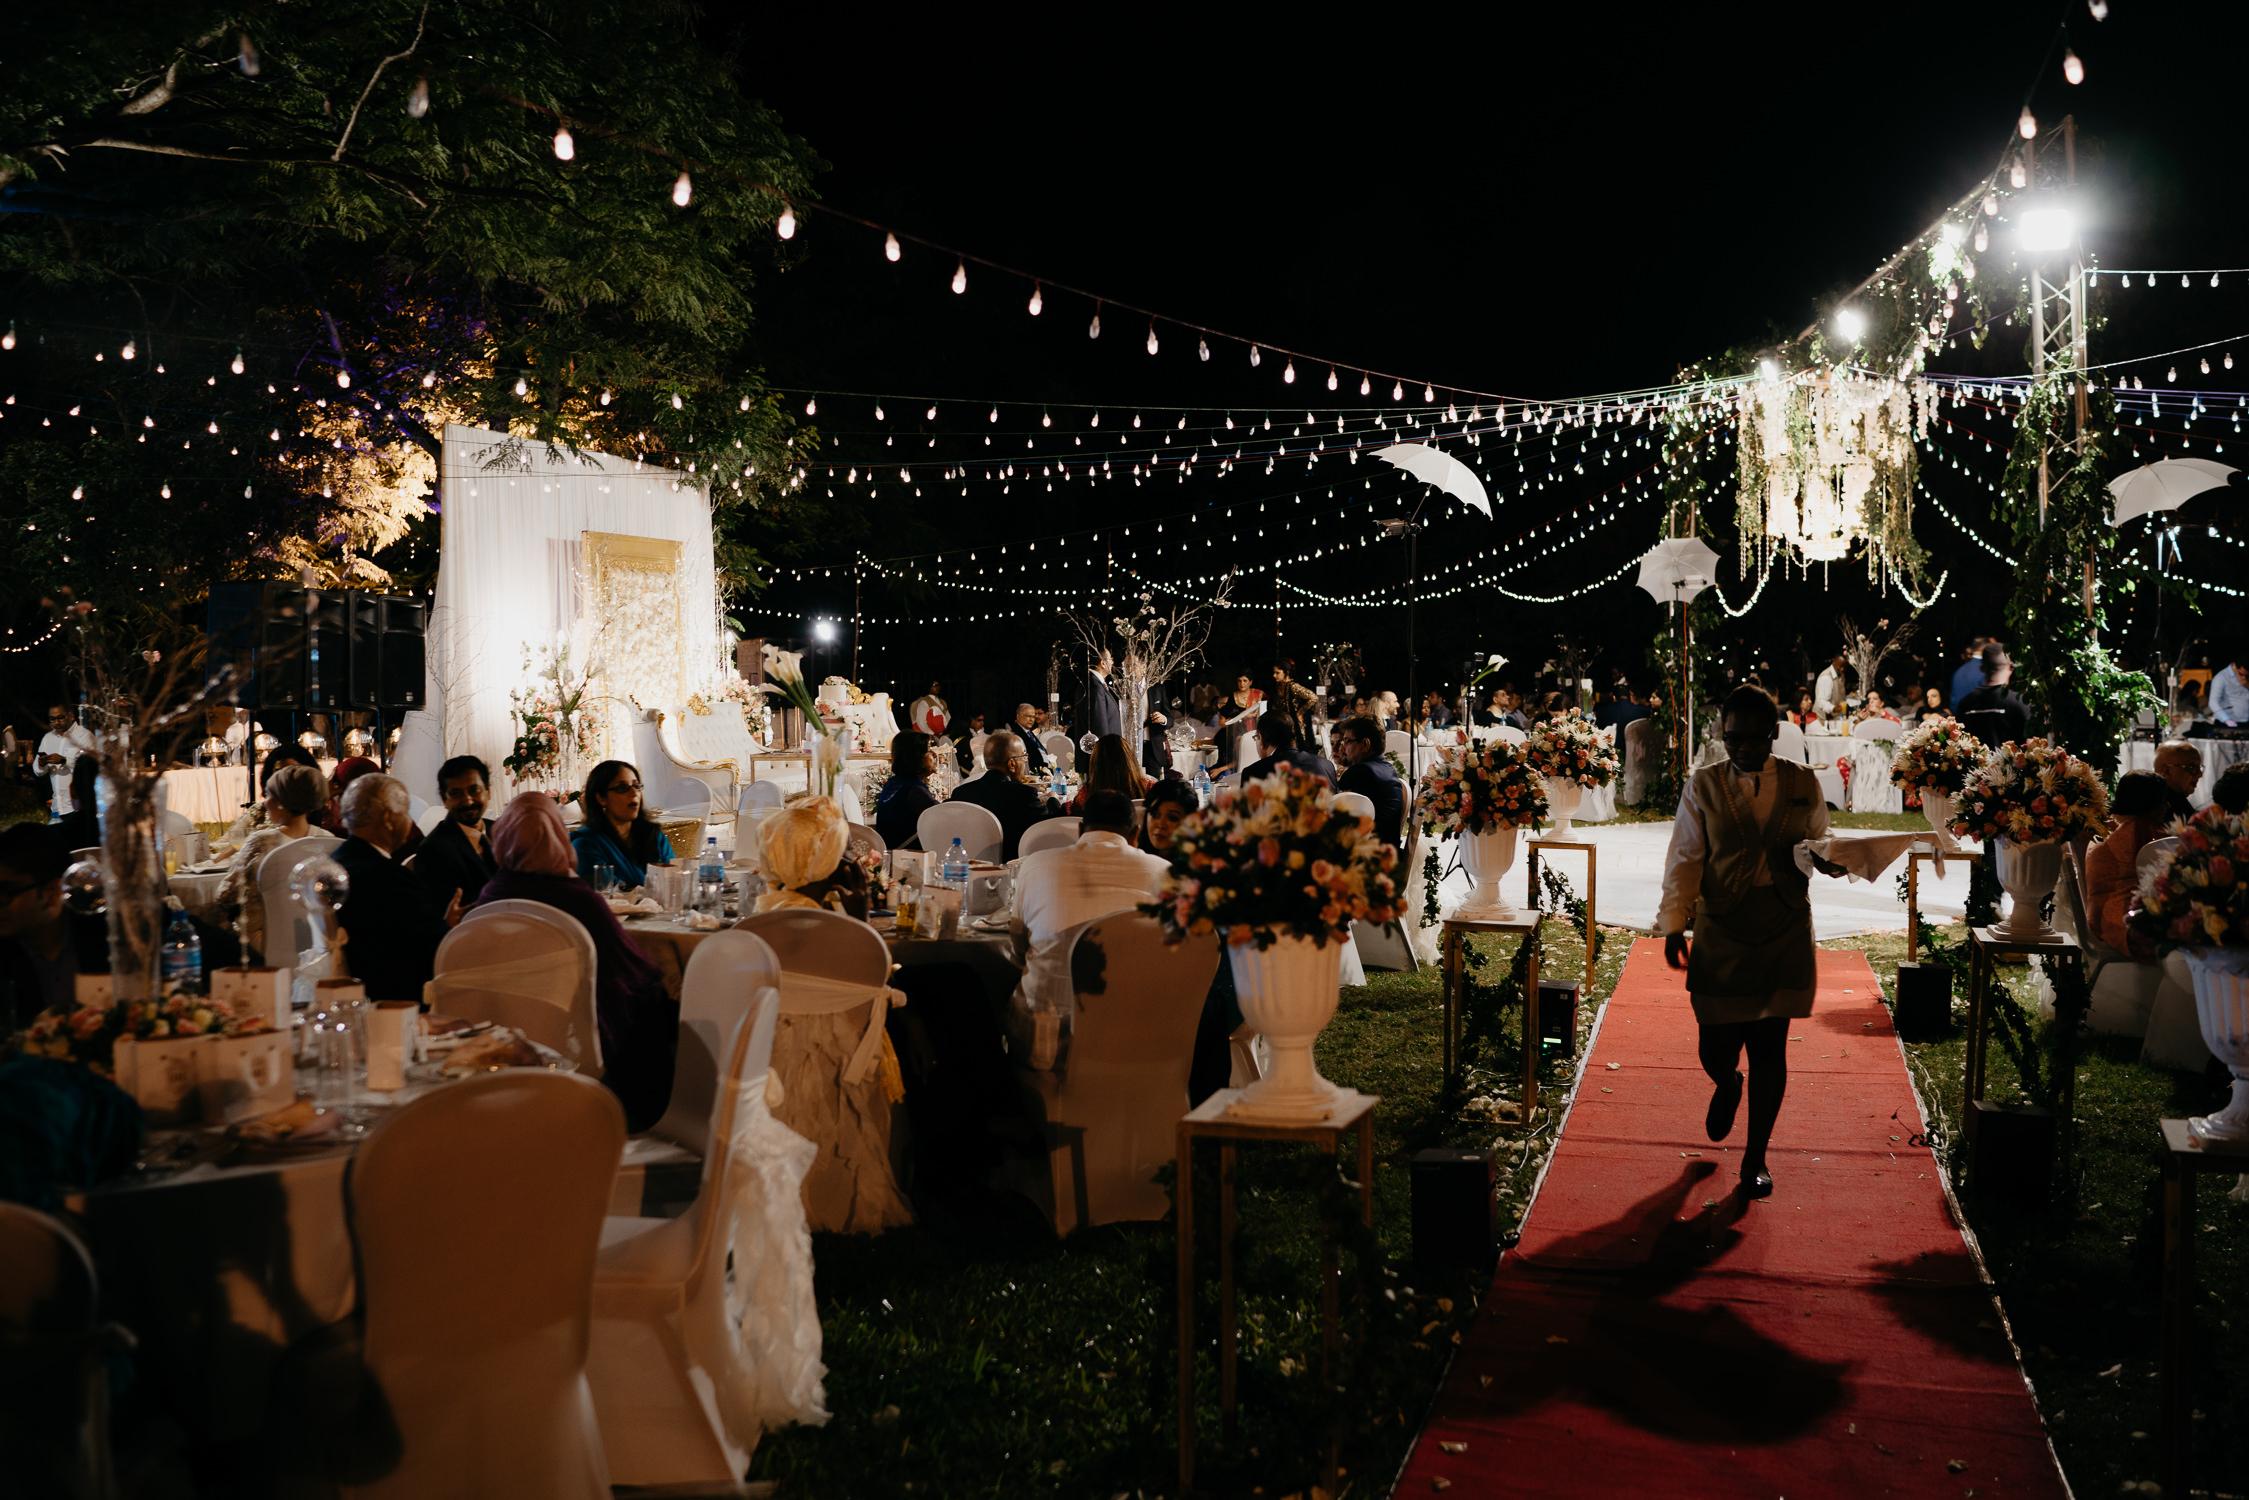 bruiloft ceremony tanzania tradities photography mark hadden